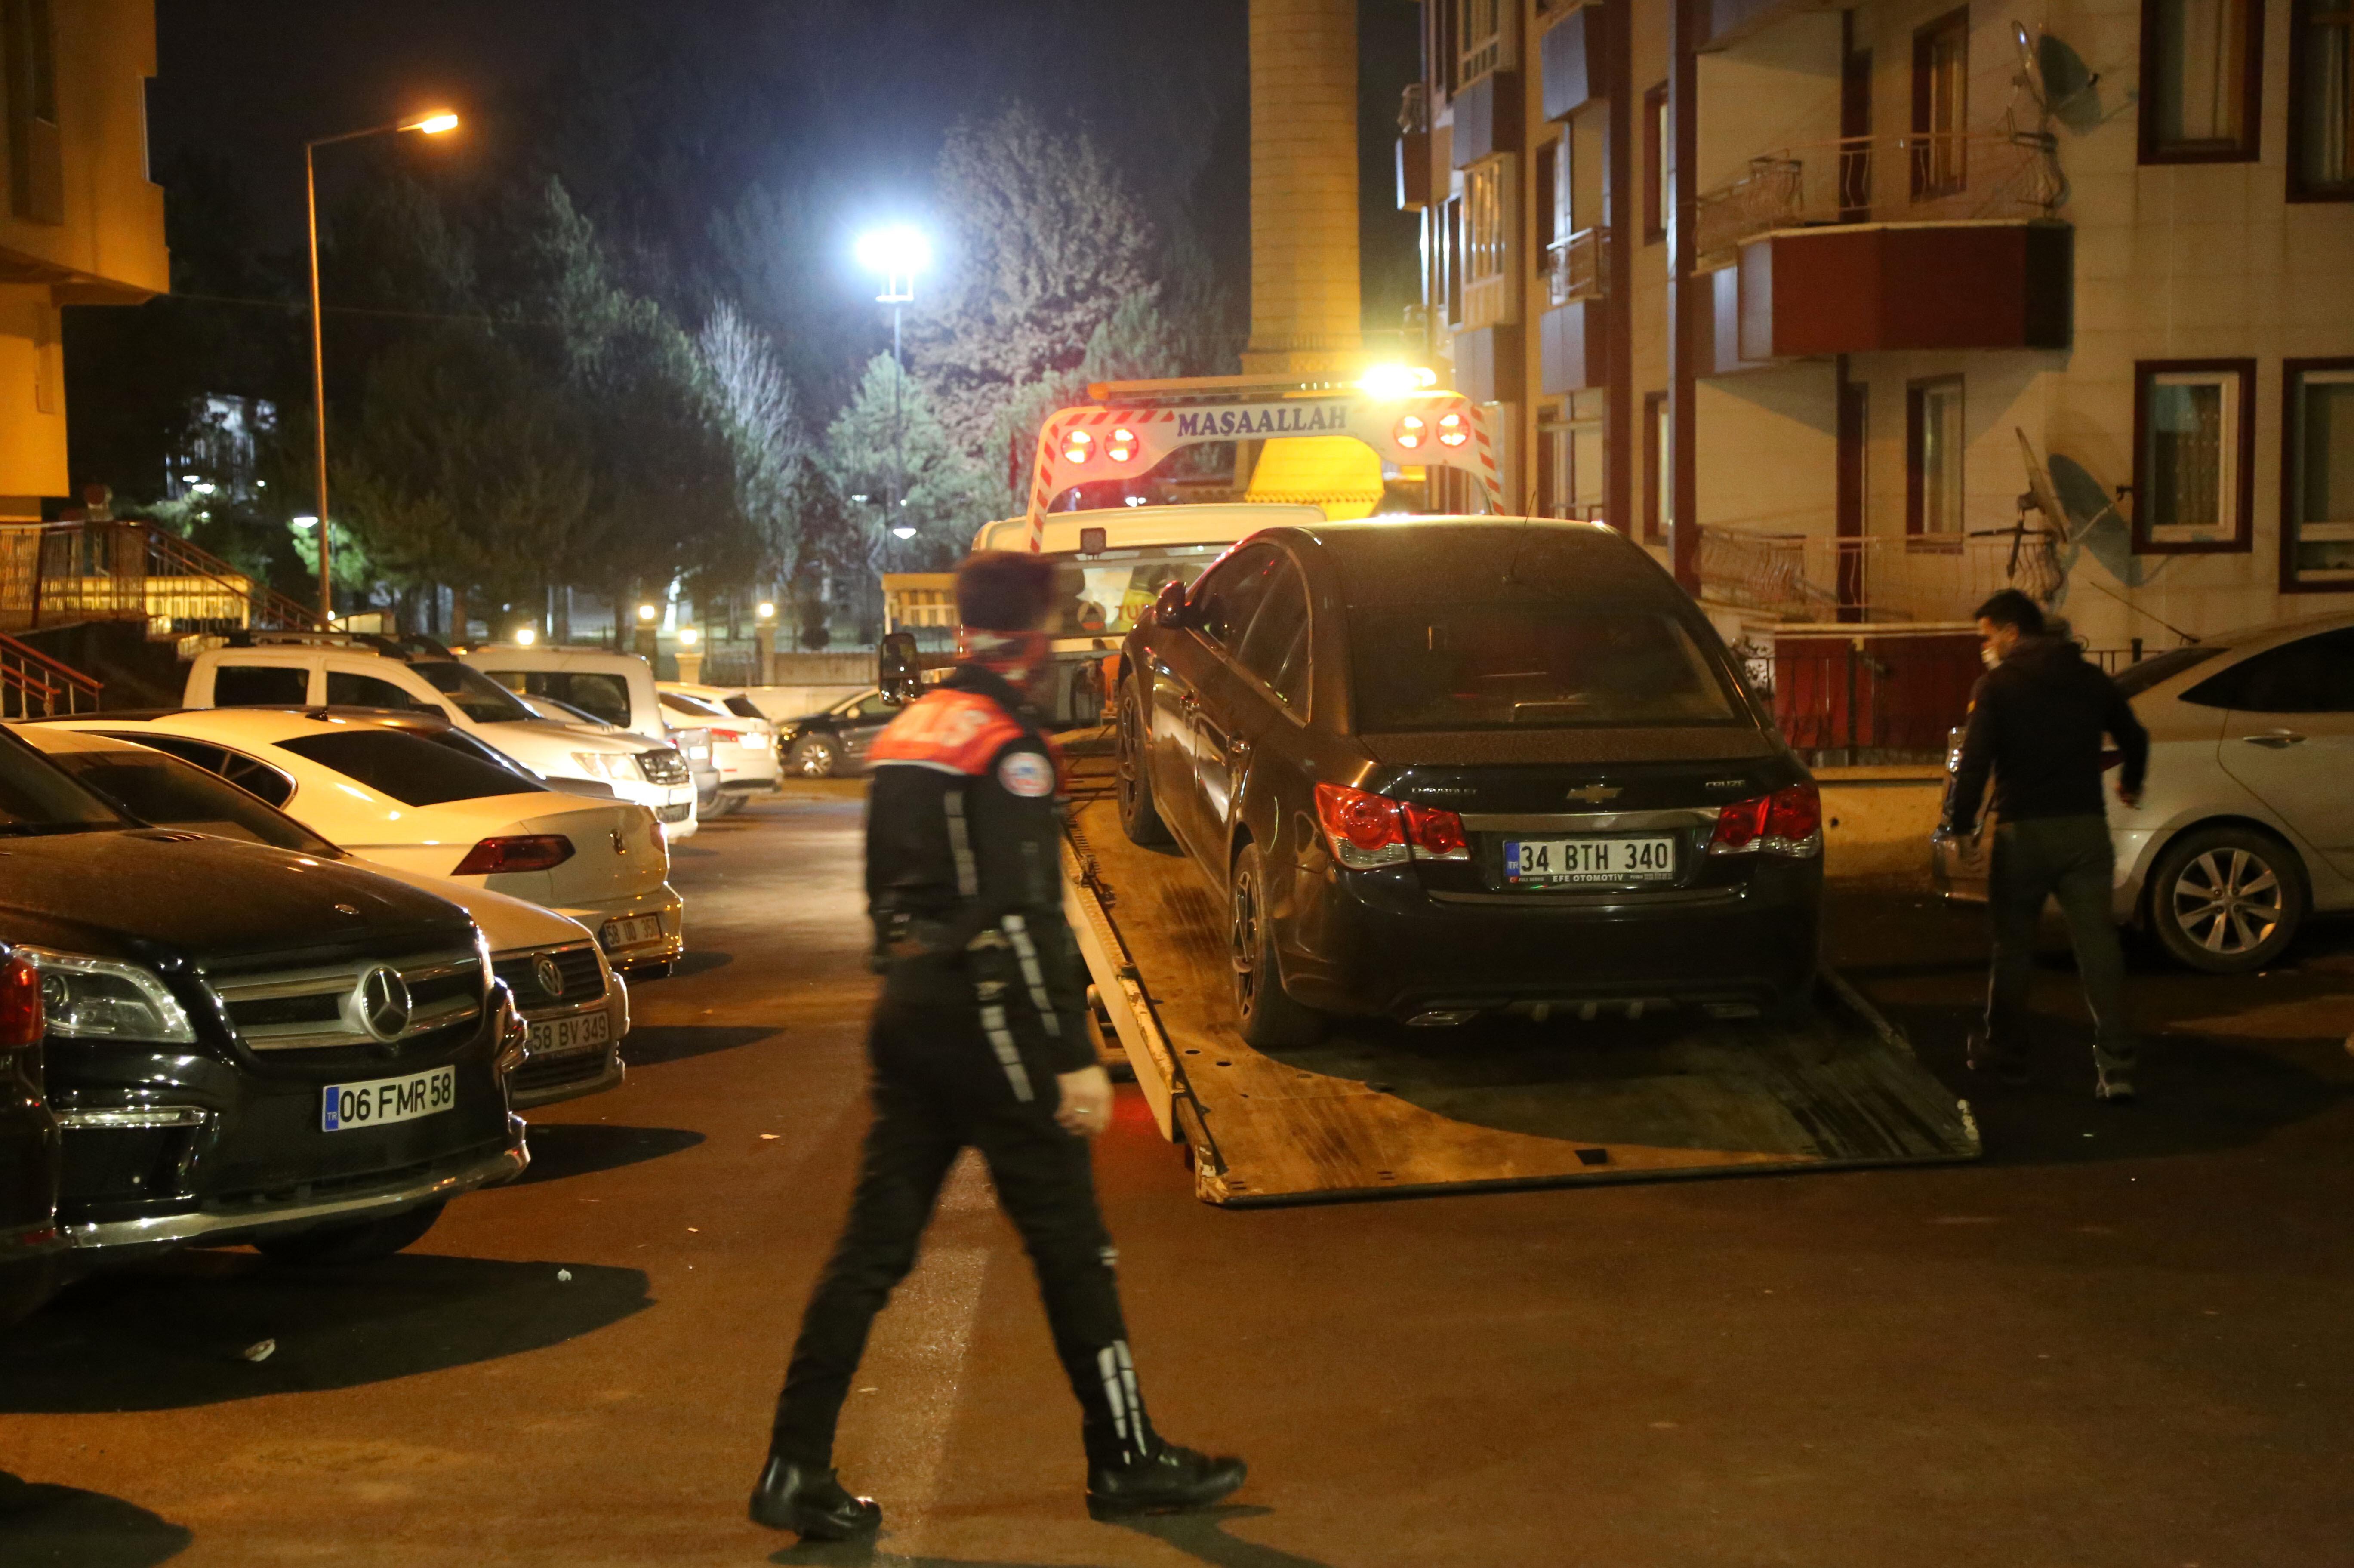 Otomobili, yediemin otoparkına çektirildi.